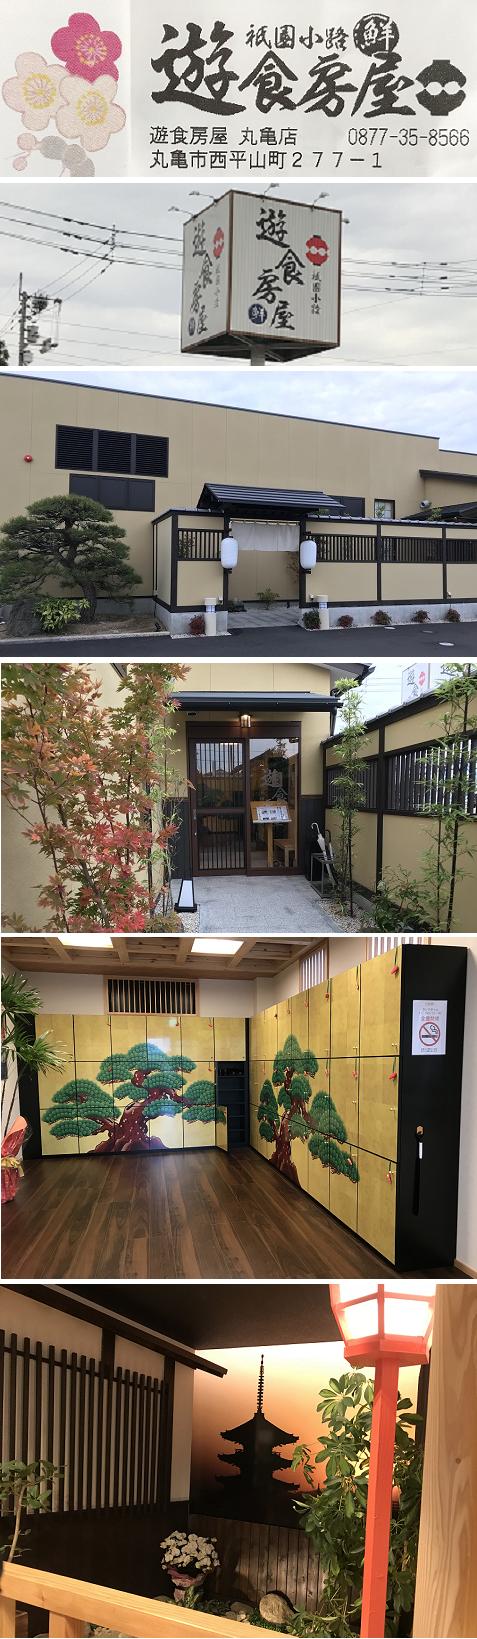 20171126 遊食房屋1